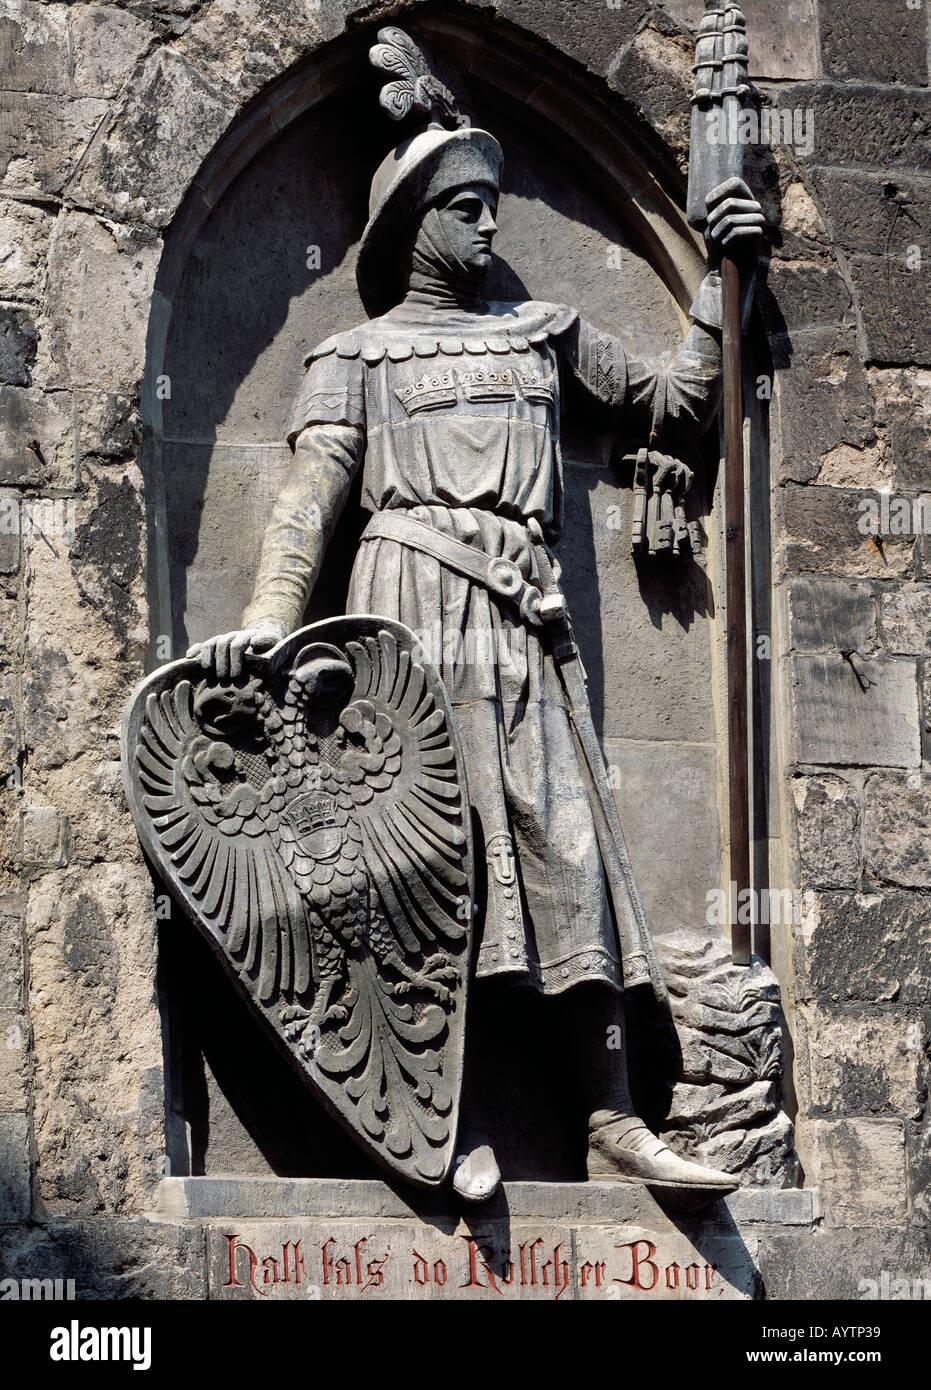 Roemisches Stadttor, Eigelsteintor, Darstellung Roemischer Krieger mit Wappenschild, Soldat, Skulptur, Statue, Steinplastik, Stock Photo